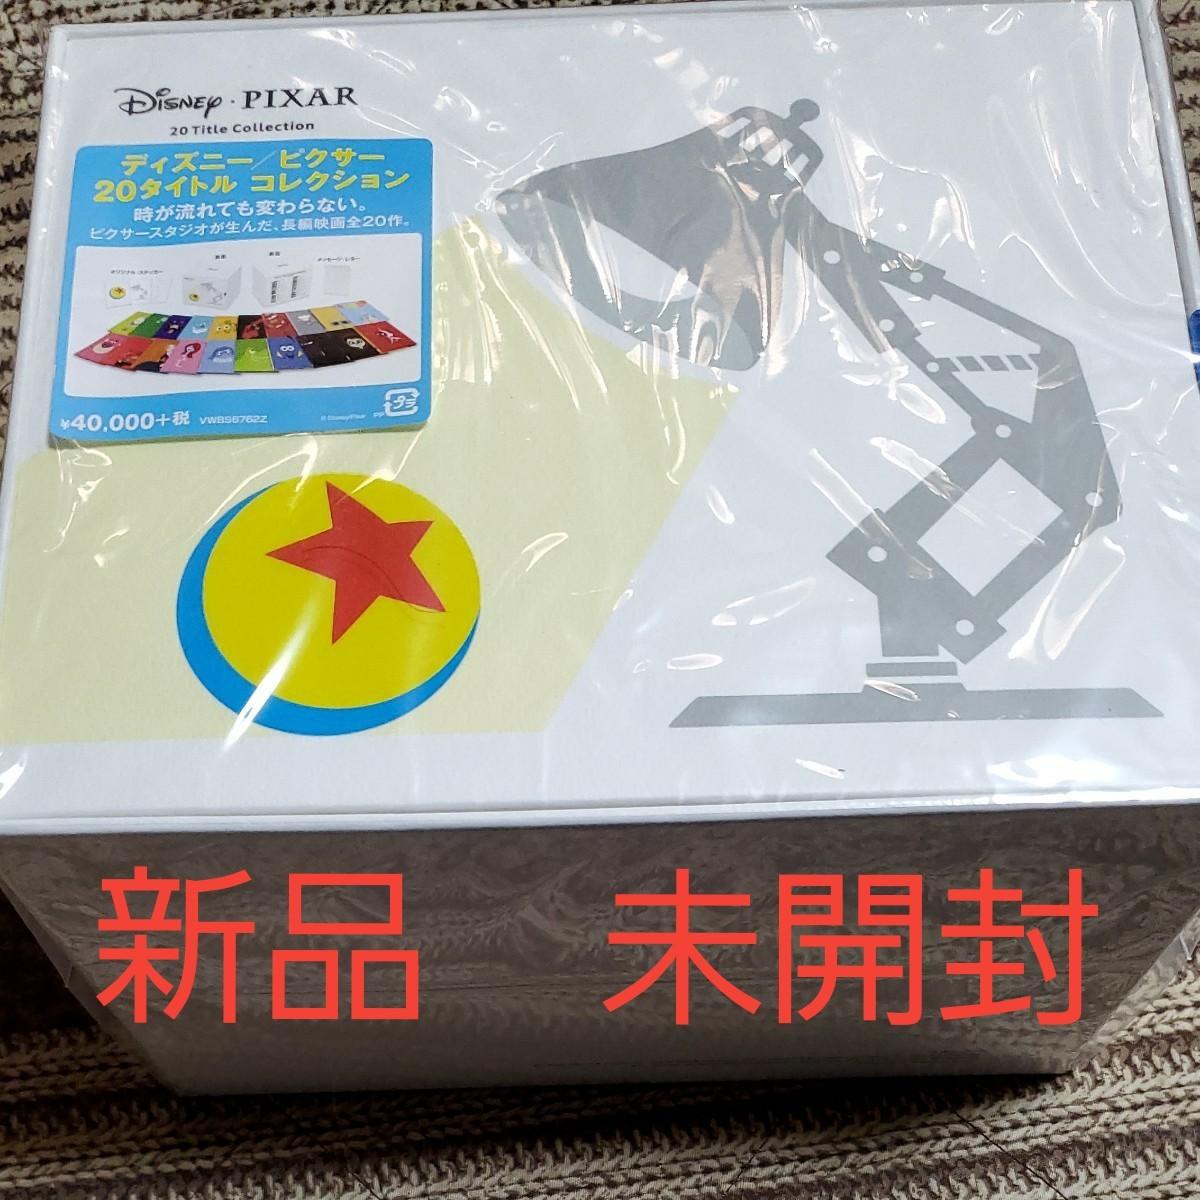 アニメ / 送料無料/ ディズニー/ピクサー 20タイトル コレクション(Blu-ray)BLU-RAY DISC